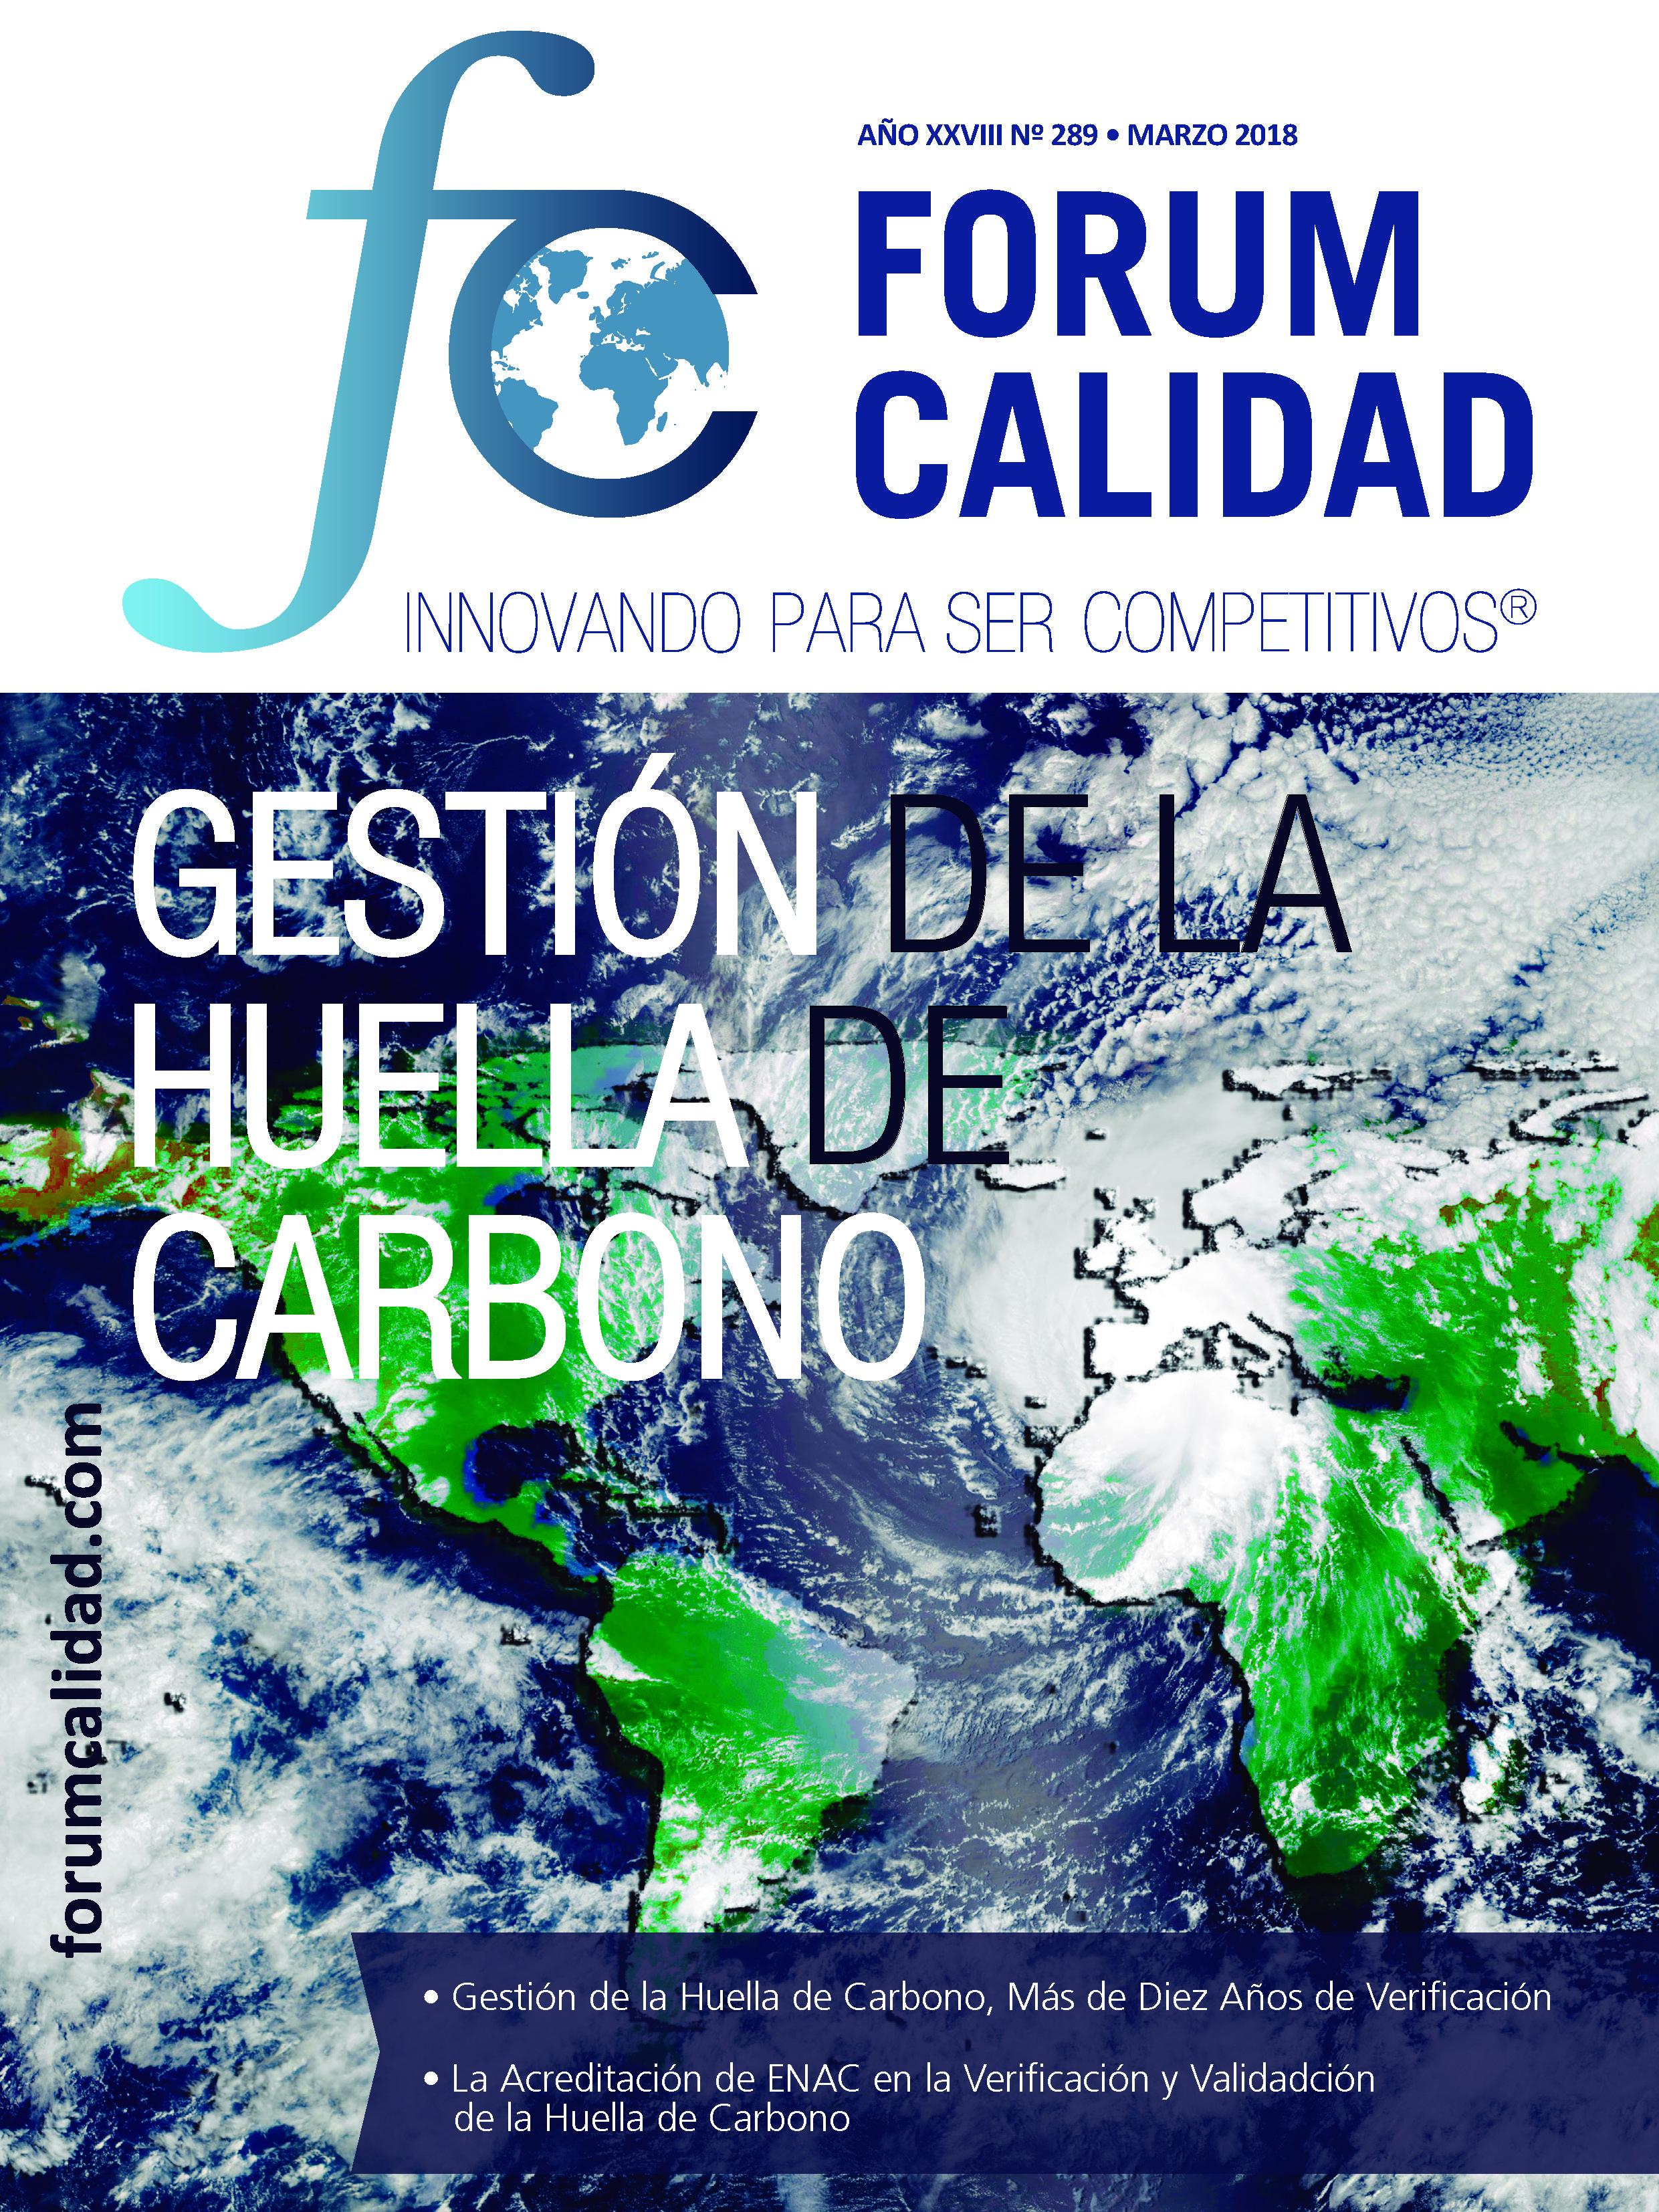 Forum Calidad nº 289 Marzo 2018